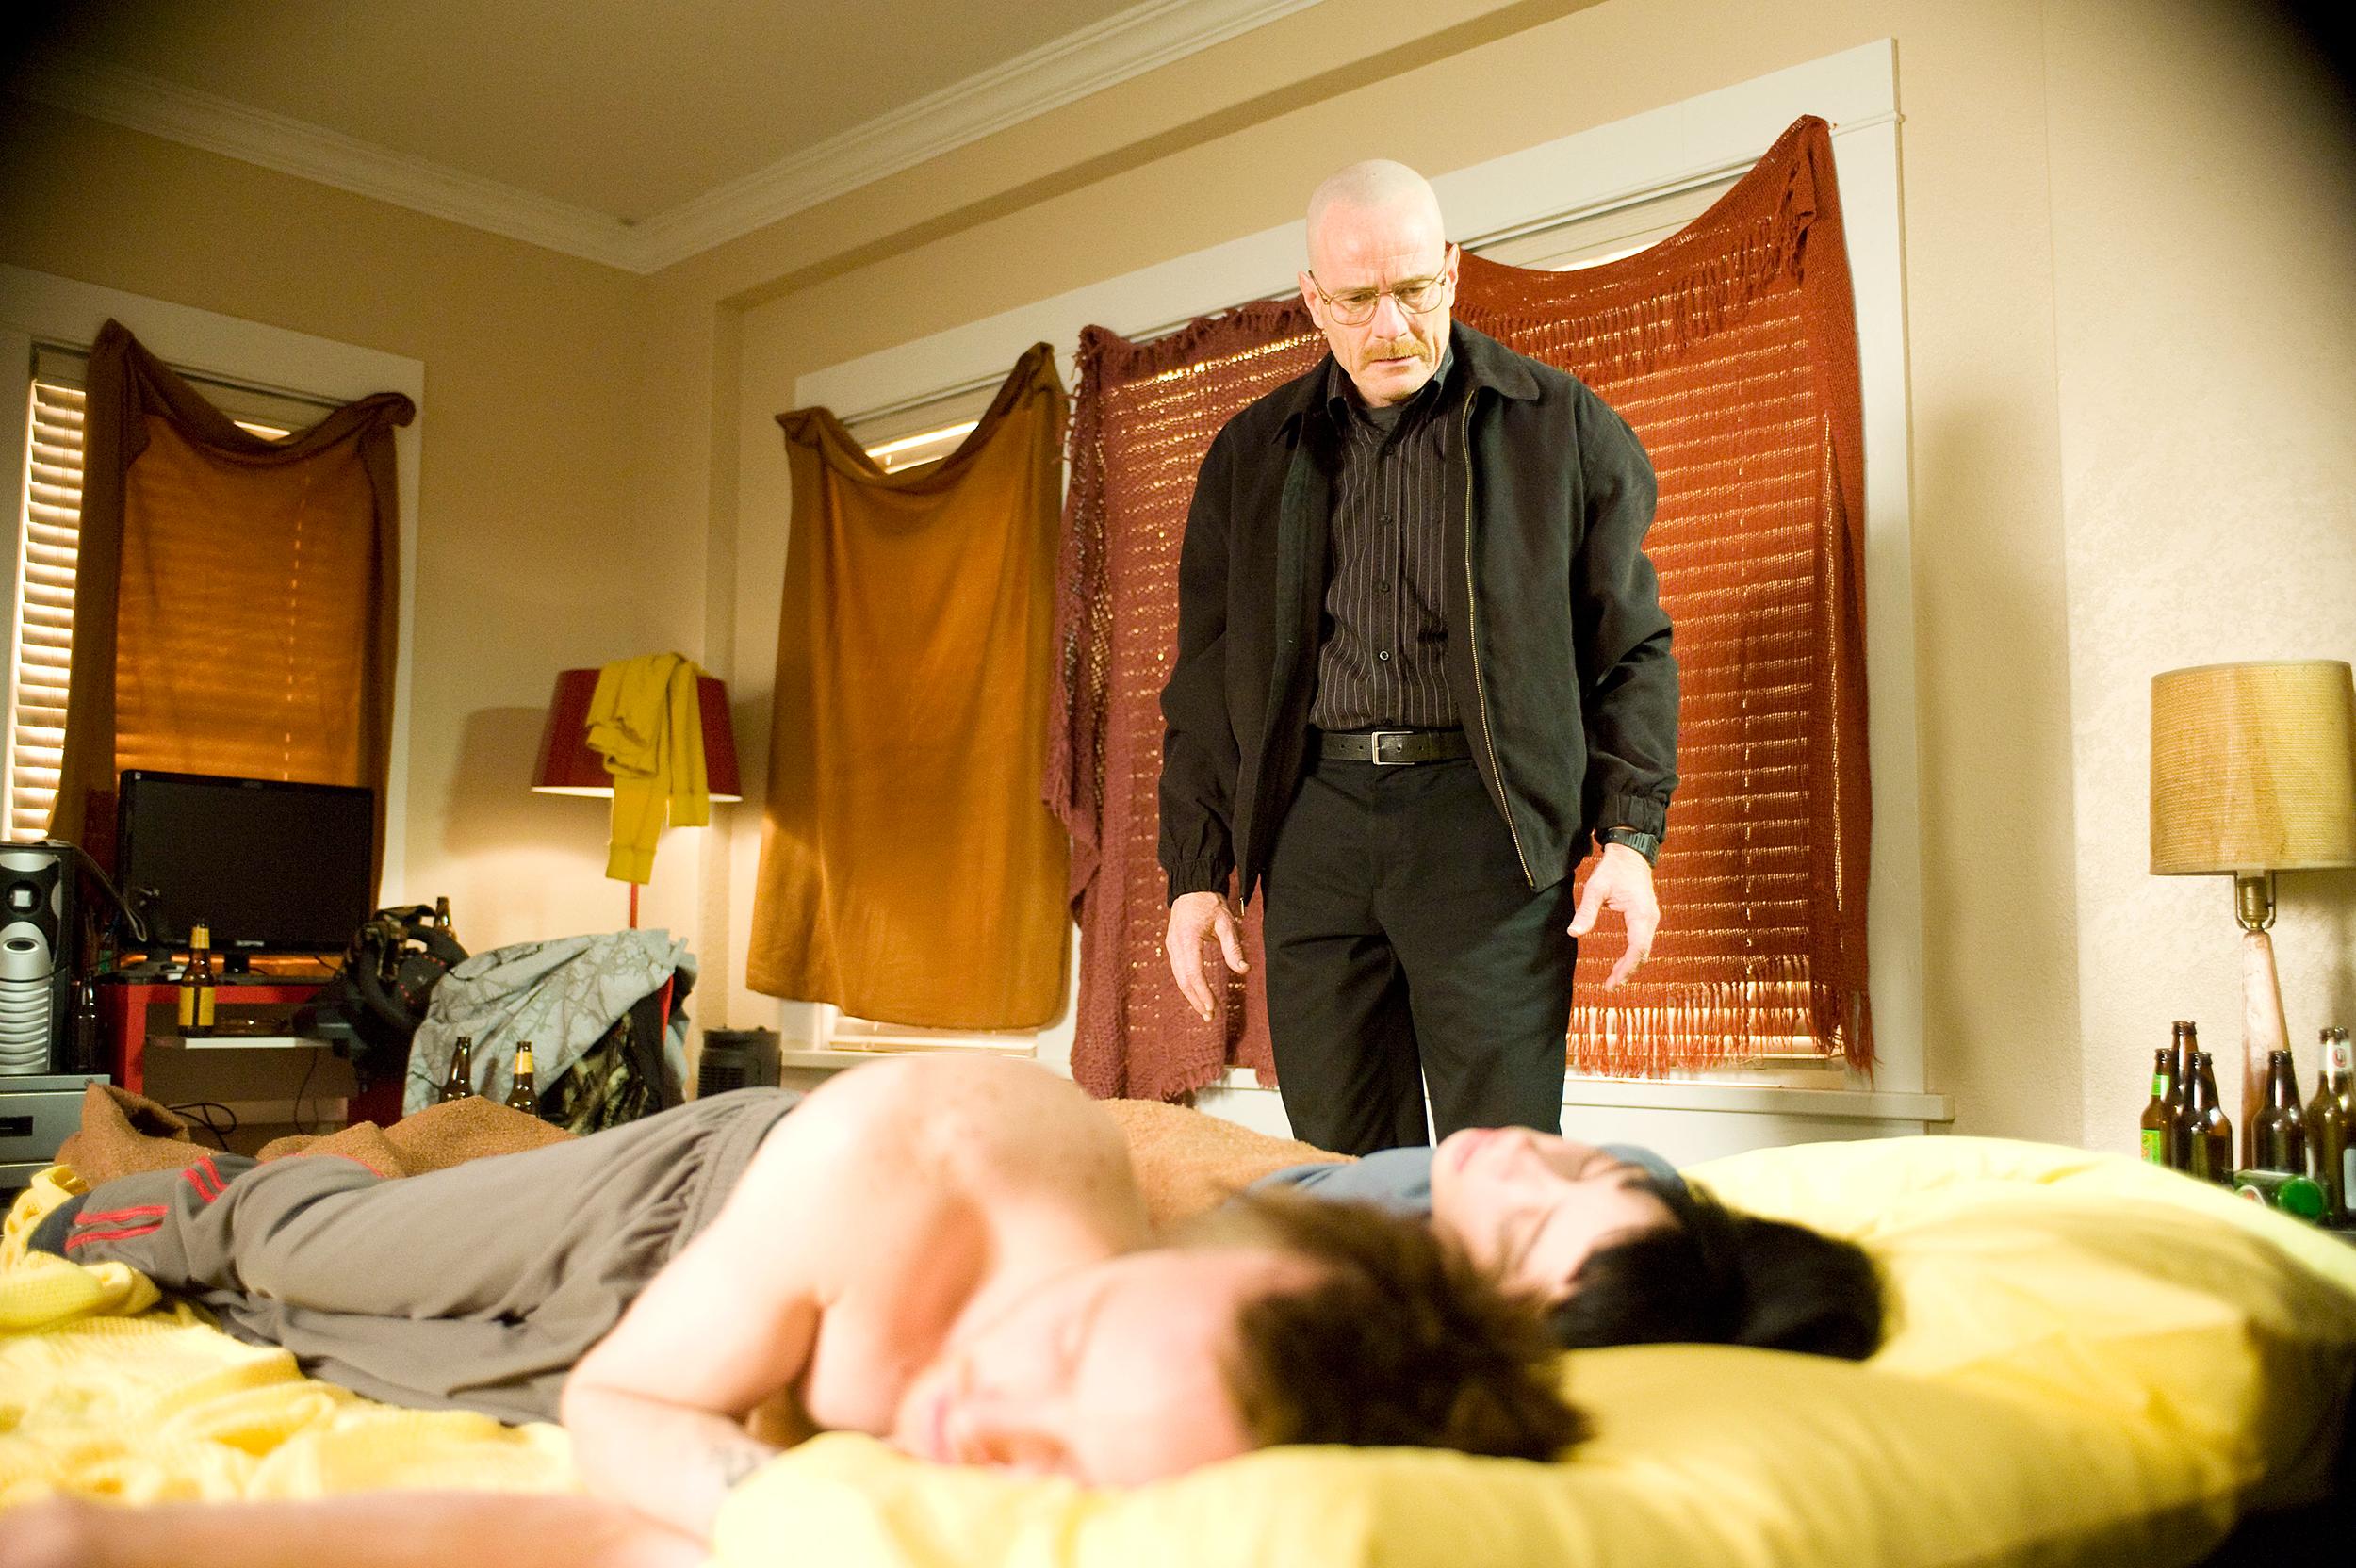 Bryan Cranston, Aaron Paul, and Krysten Ritter in Breaking Bad